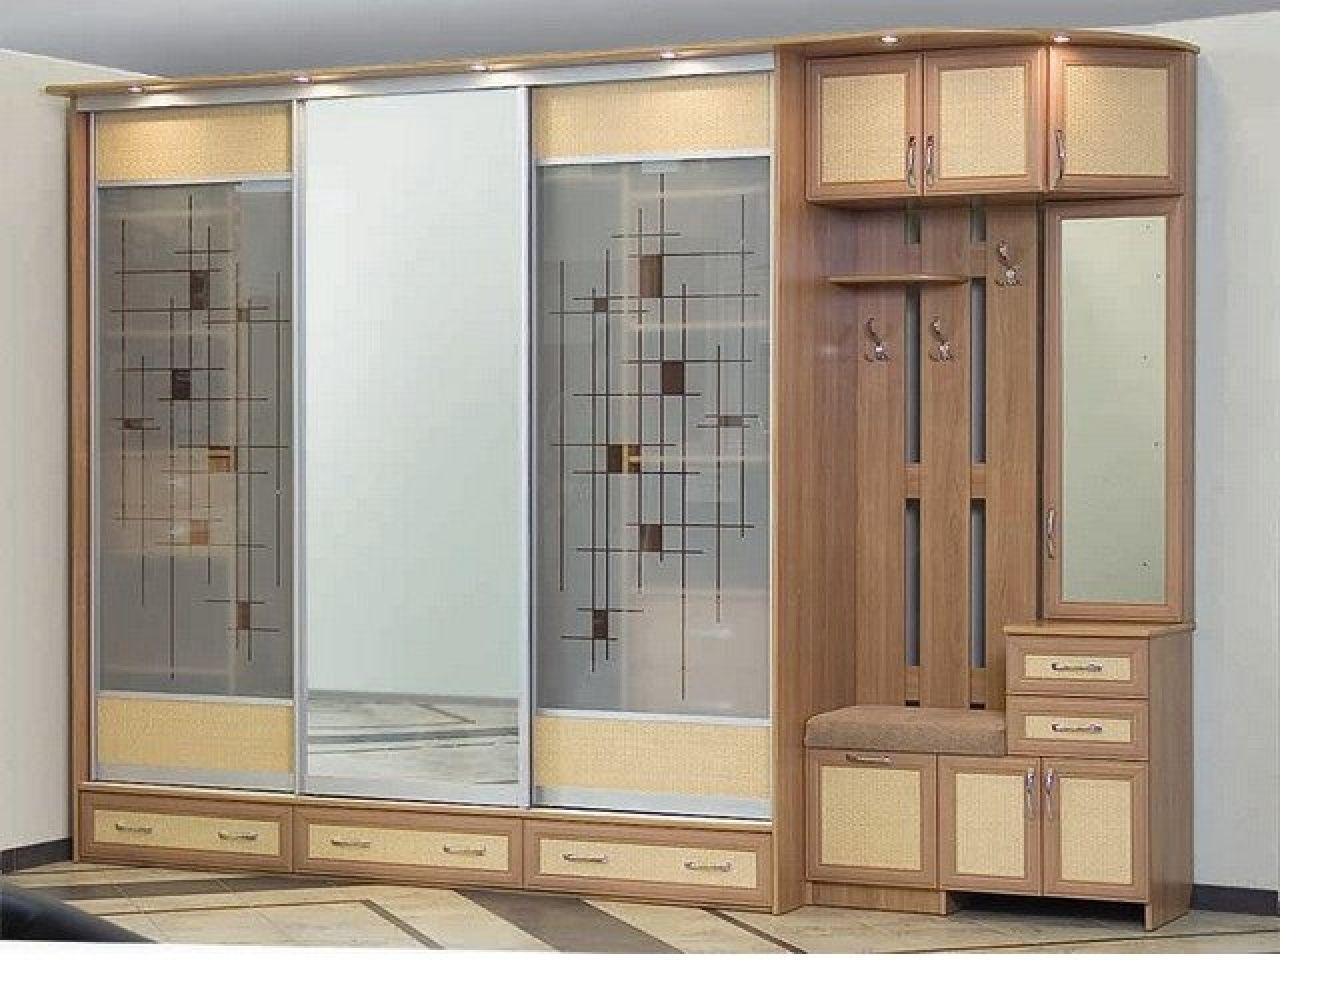 Шкафы для прихожей интерьерные штучки.